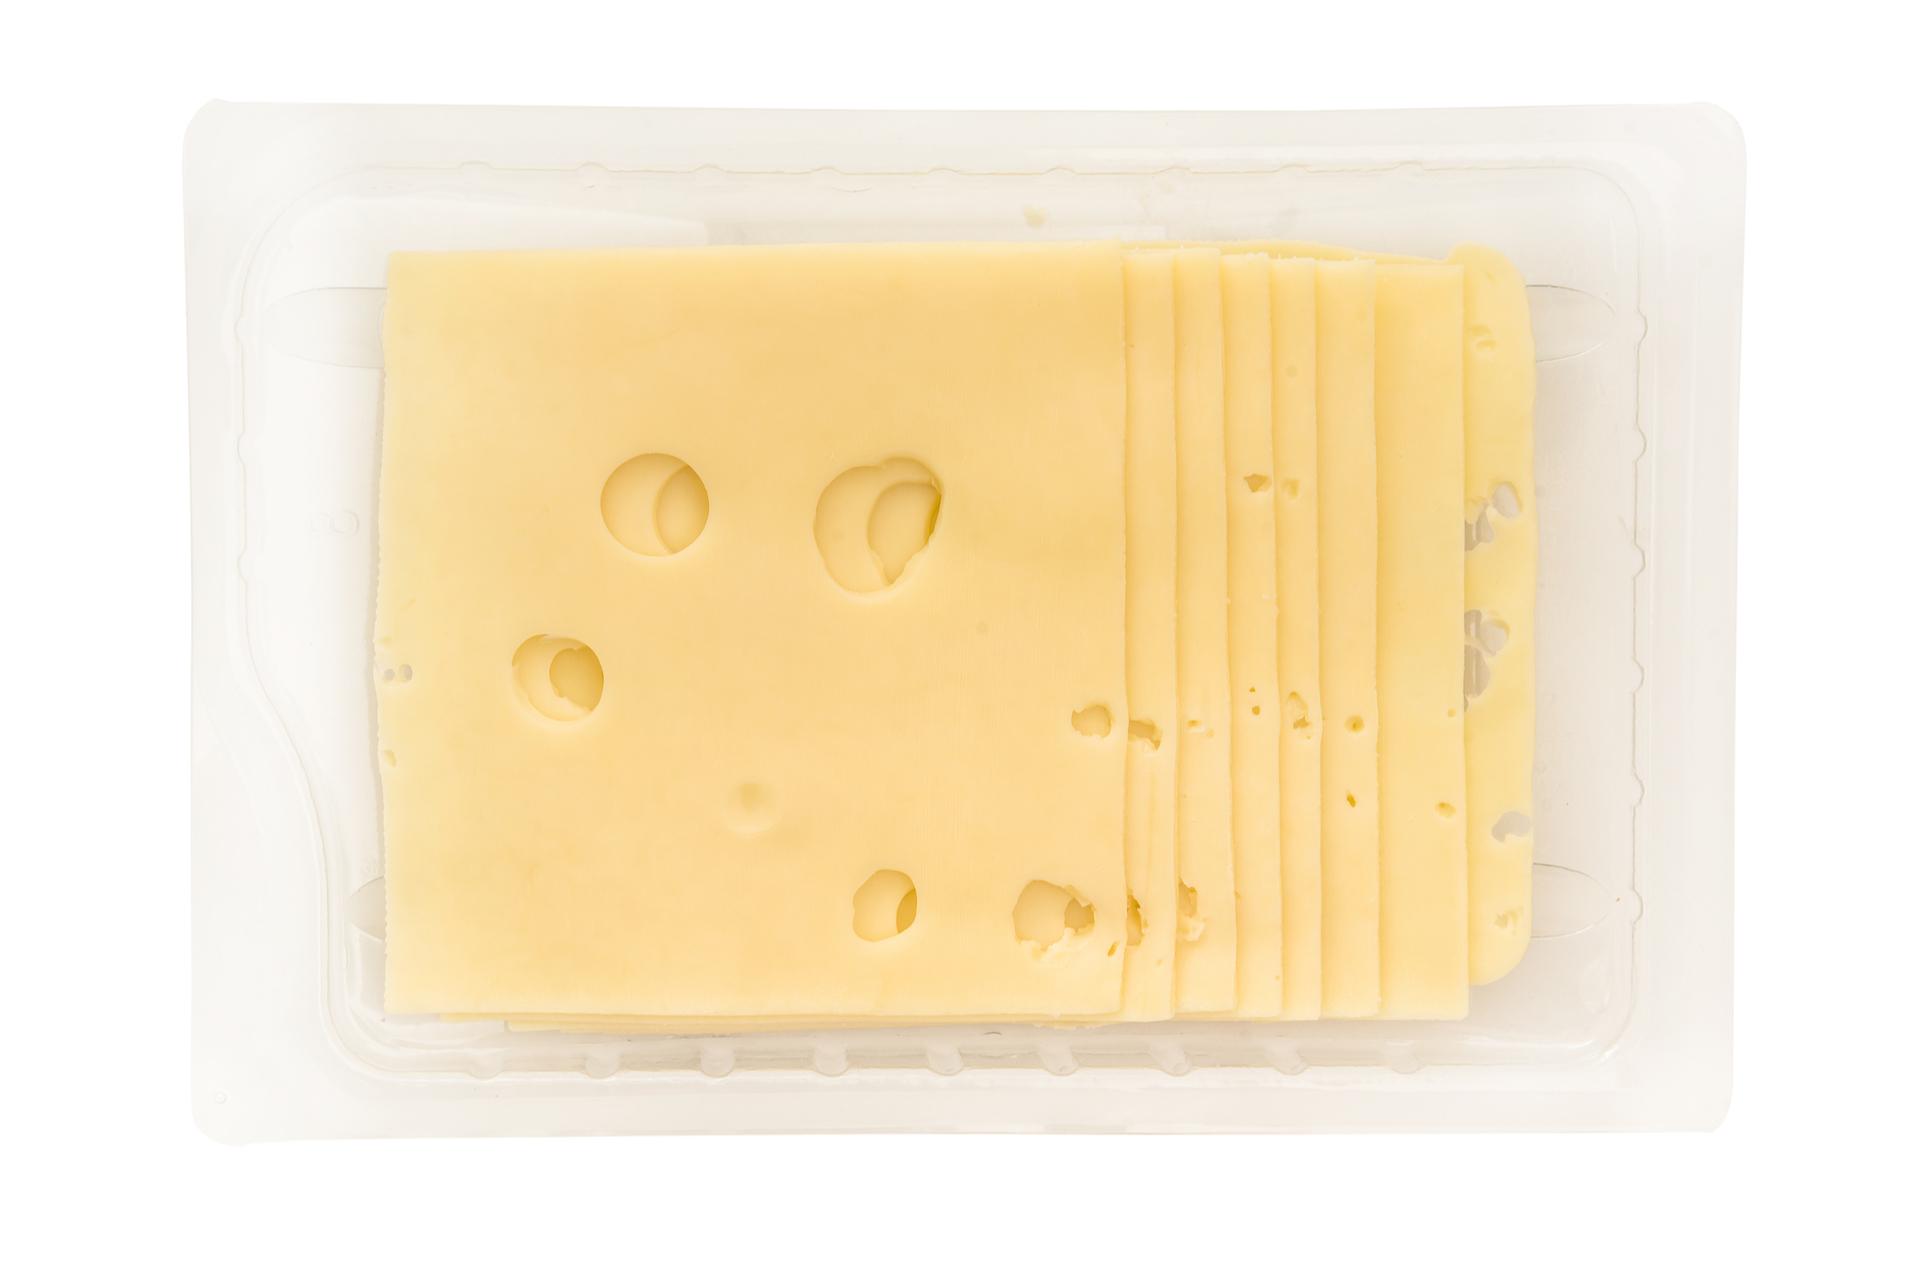 kaas met gaatjes in verpakking